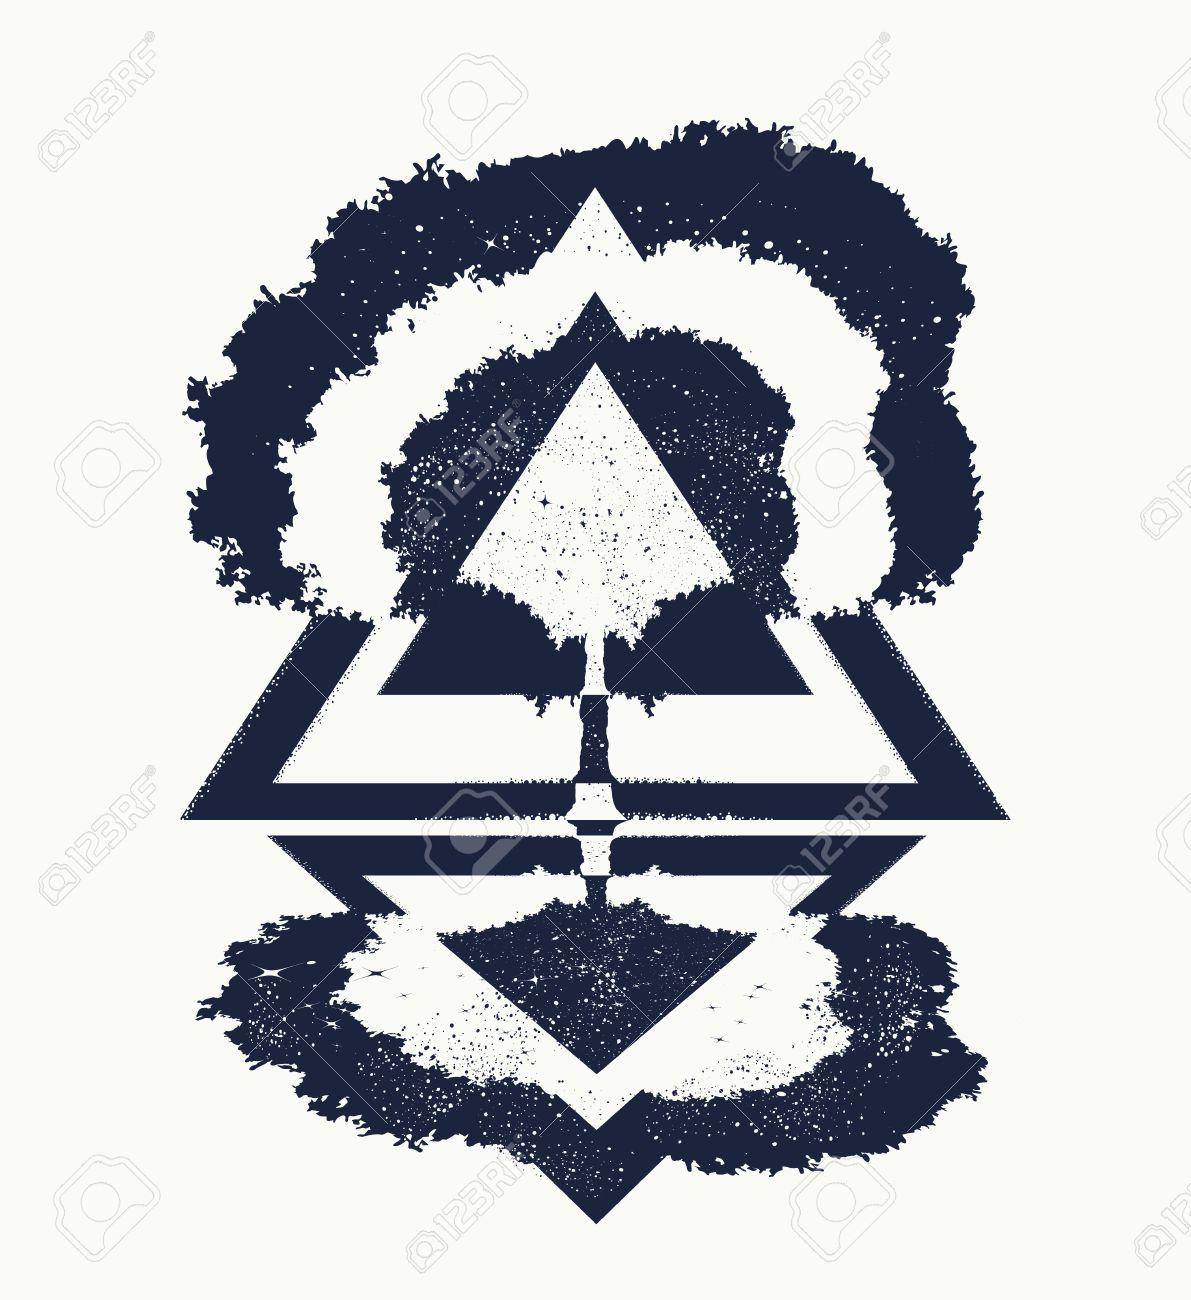 Rbol De La Vida Arte Del Tatuaje Simbolo De La Vida Y La Muerte - Simbolo-tatuaje